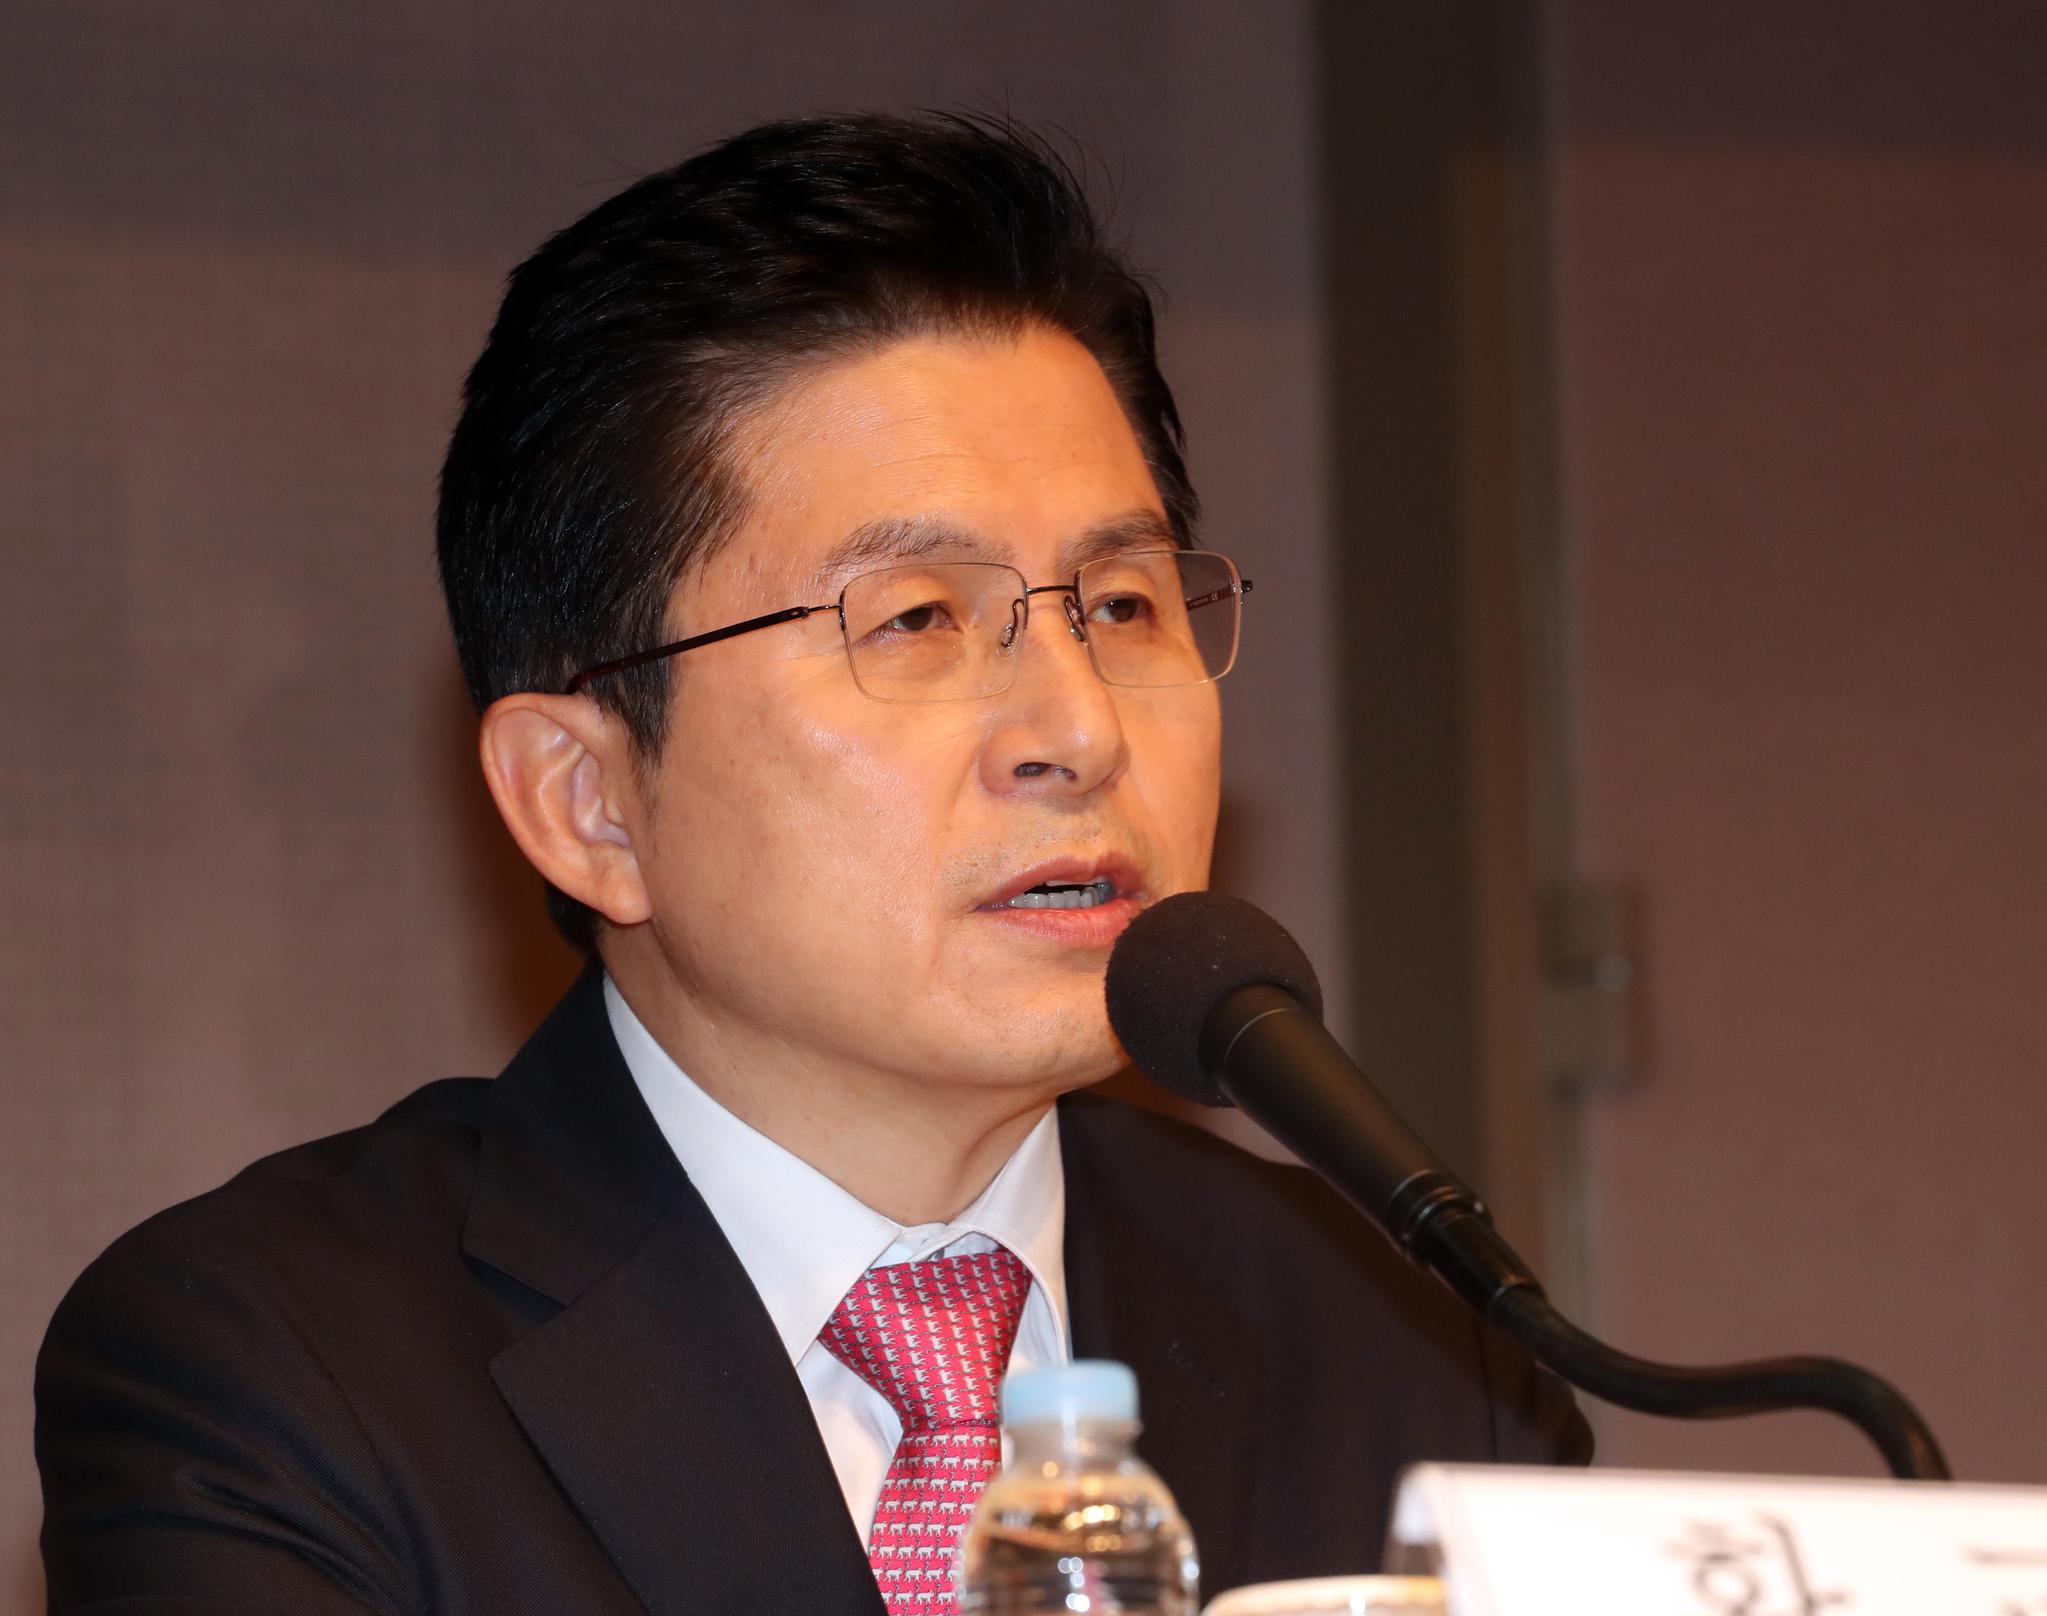 미래통합당 황교안 대표가 25일 오전 서울 한국프레스센터에서 열린 관훈토론회에서 발언하고 있다. 연합뉴스